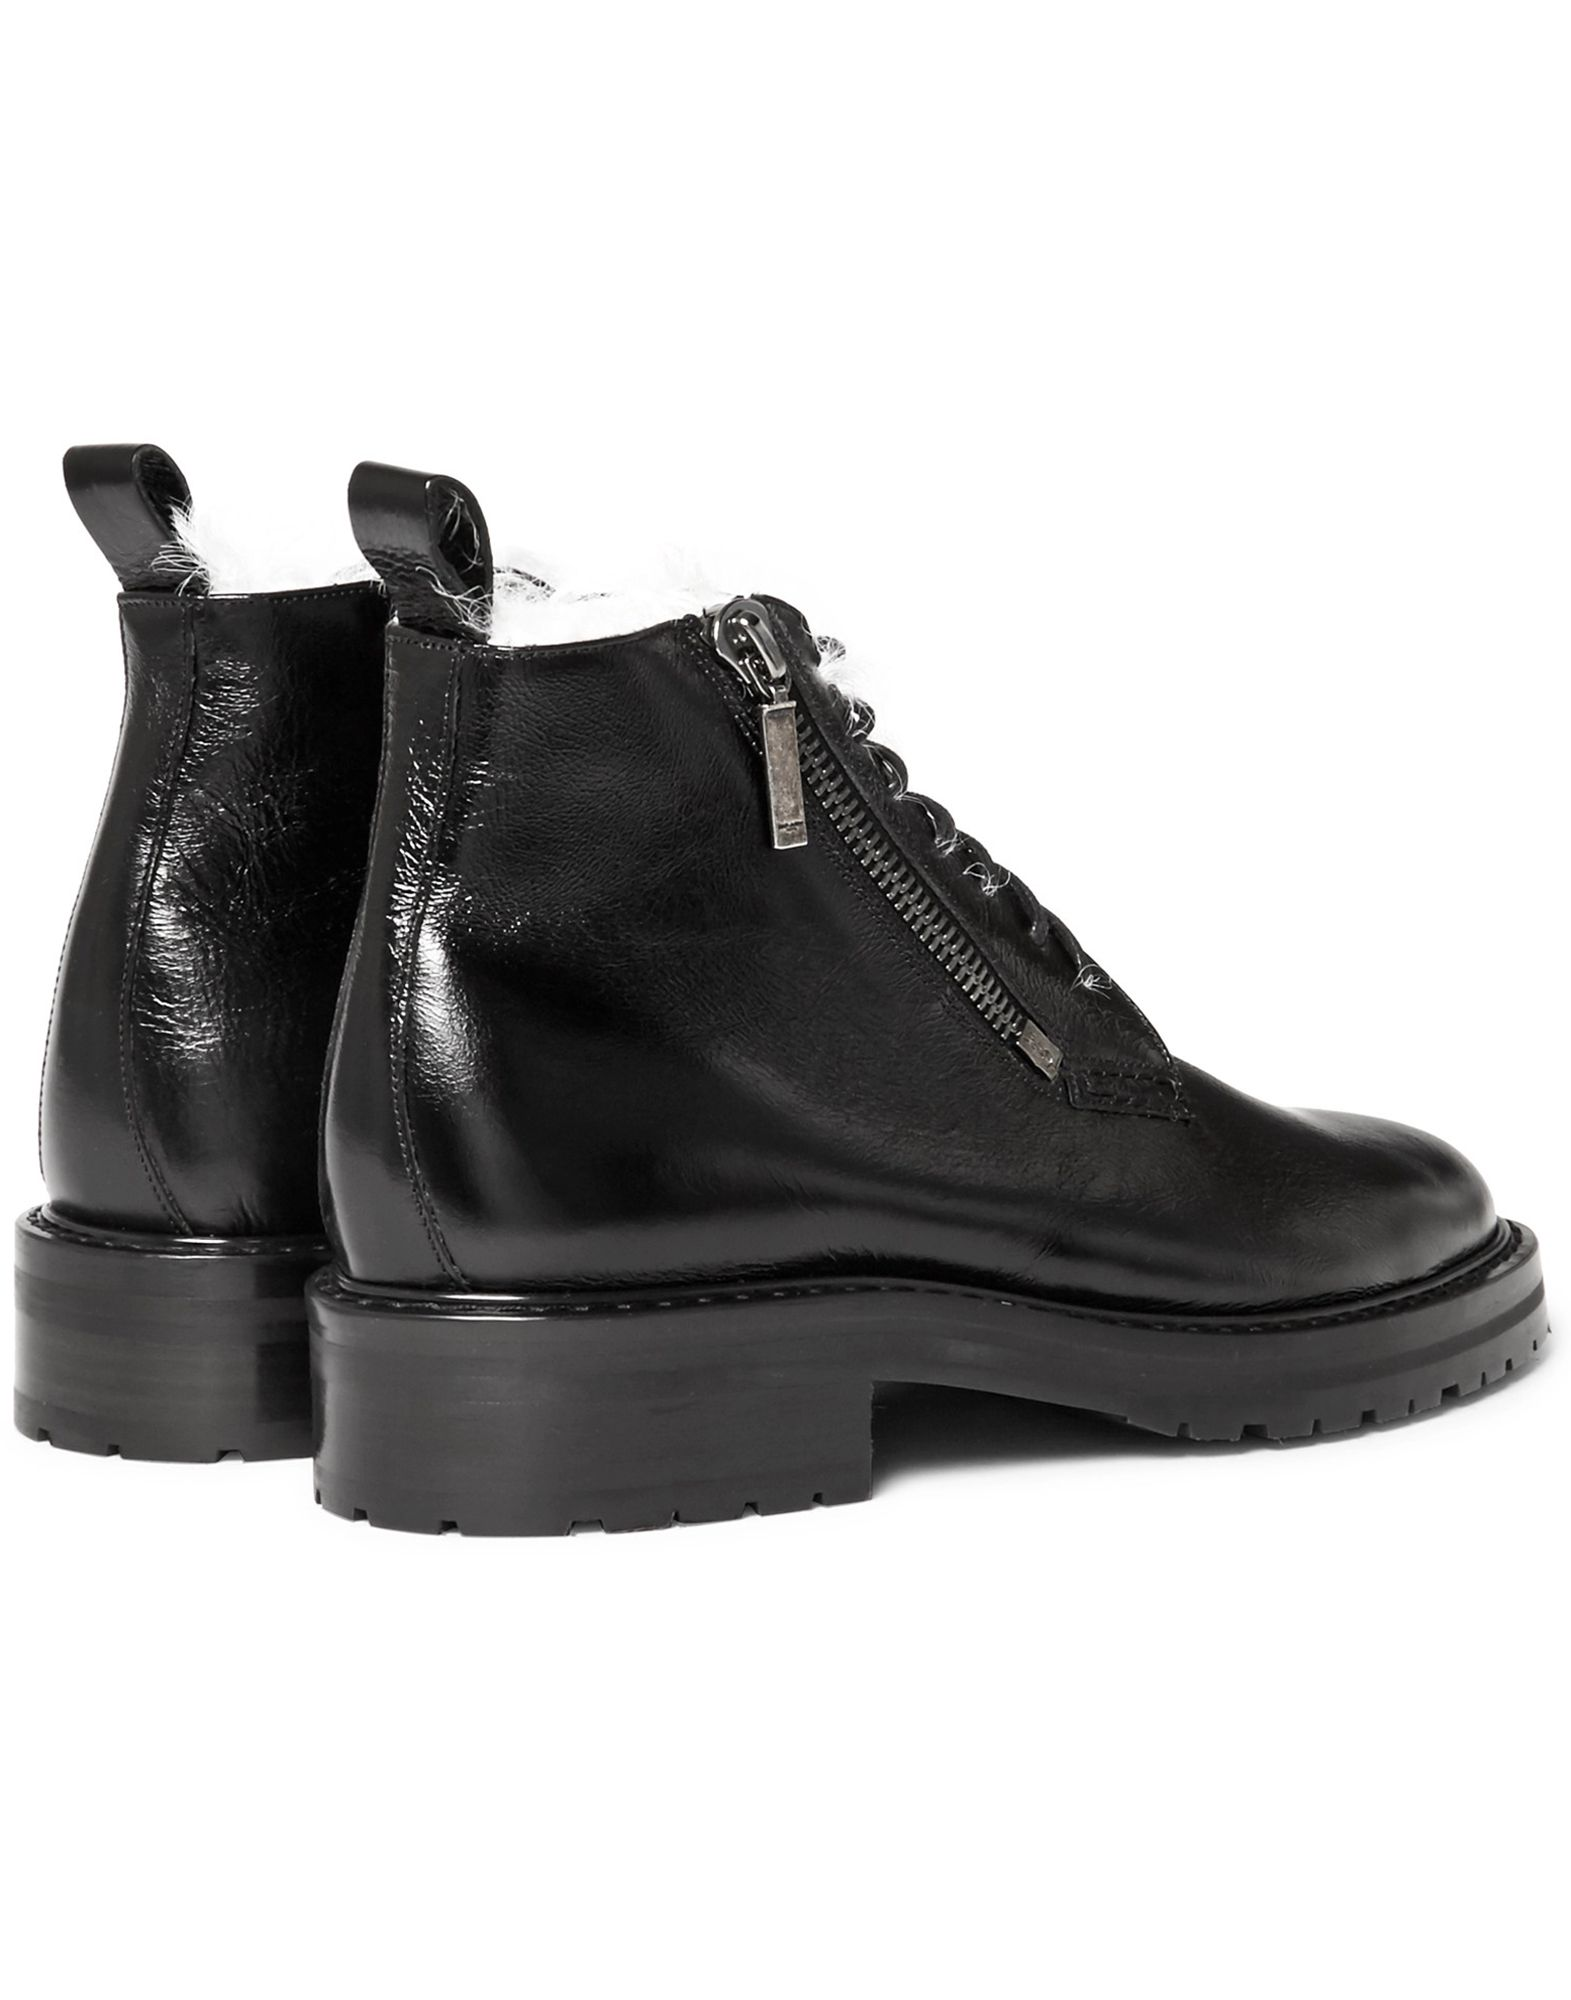 Saint 11540364DQ Laurent Stiefelette Herren  11540364DQ Saint Gute Qualität beliebte Schuhe 5c6b98